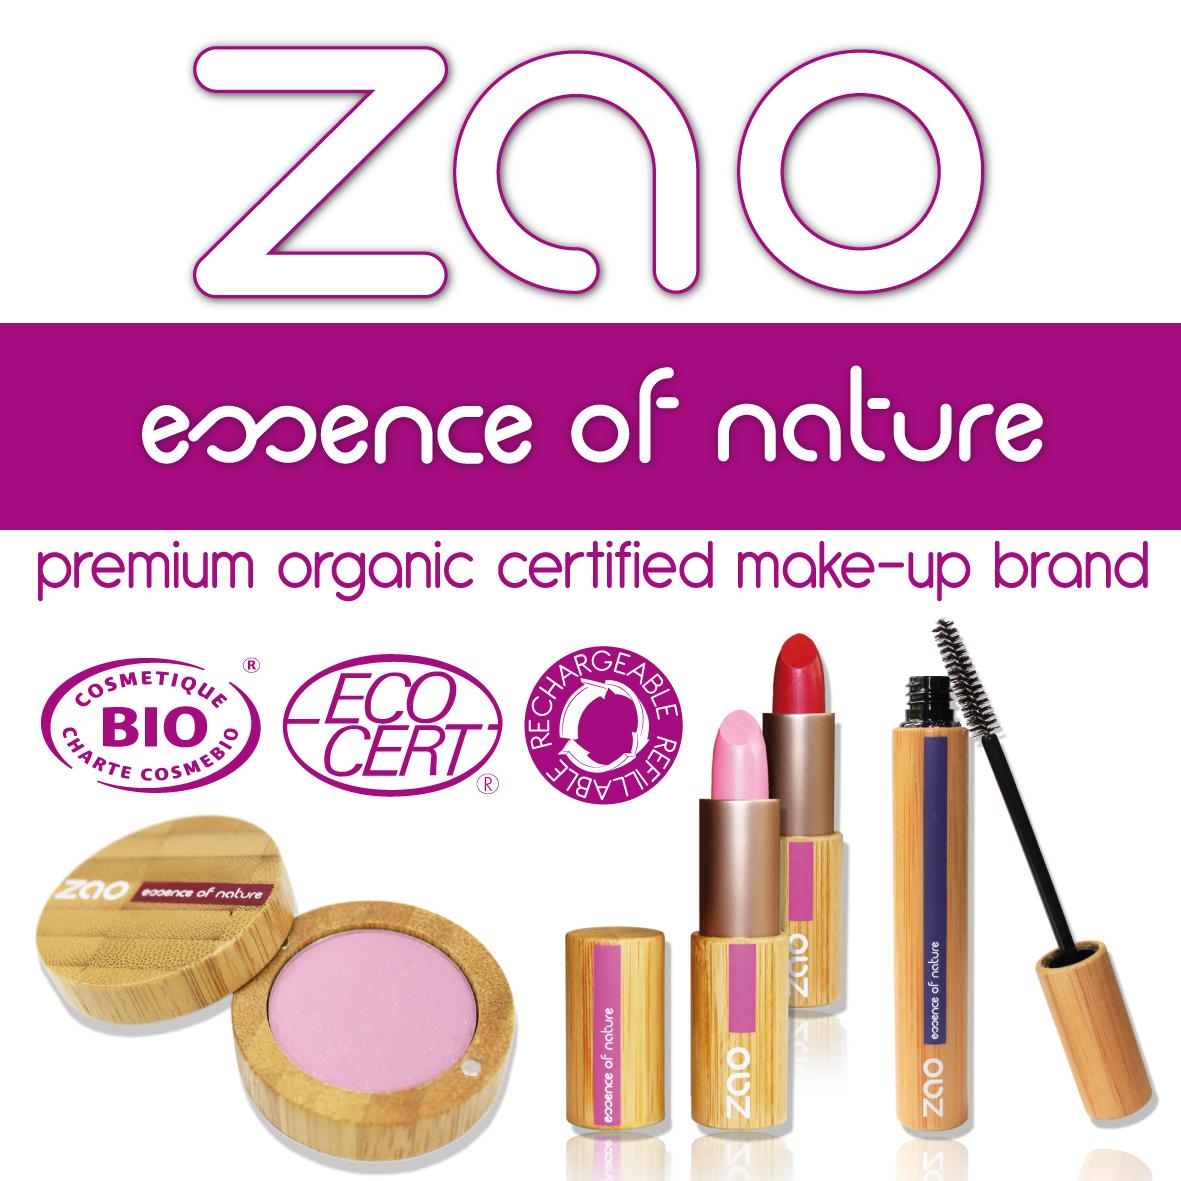 Maquillage. visitez le site de Zao Makeup